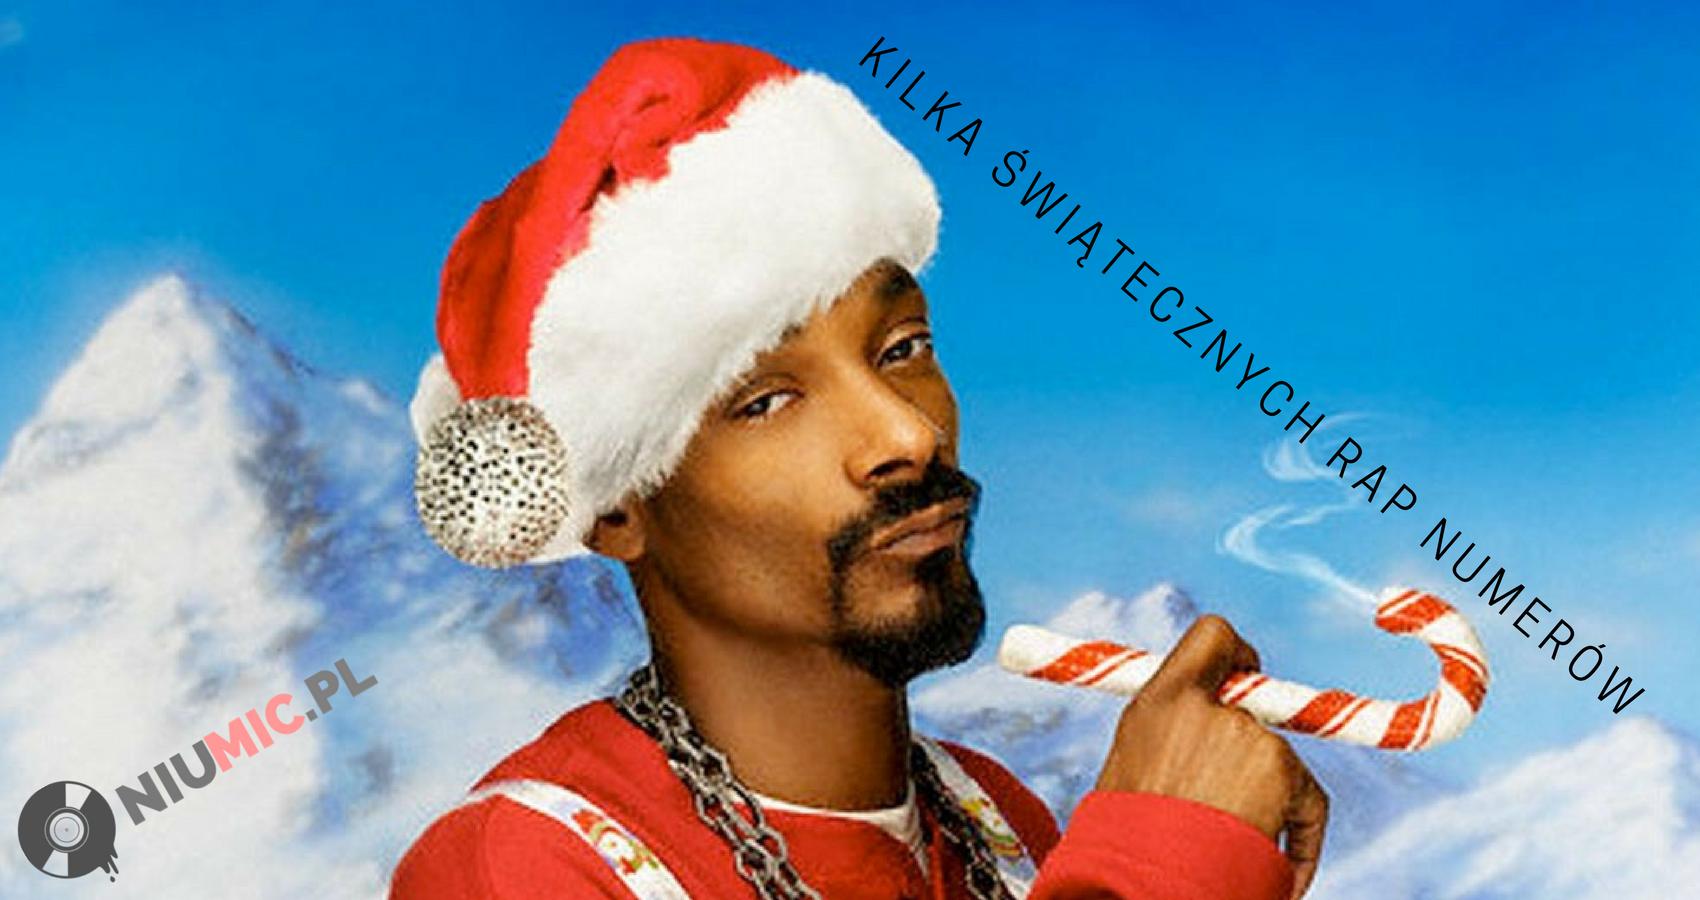 Kilka świątecznych rap numerów!      #KilkaNumerów